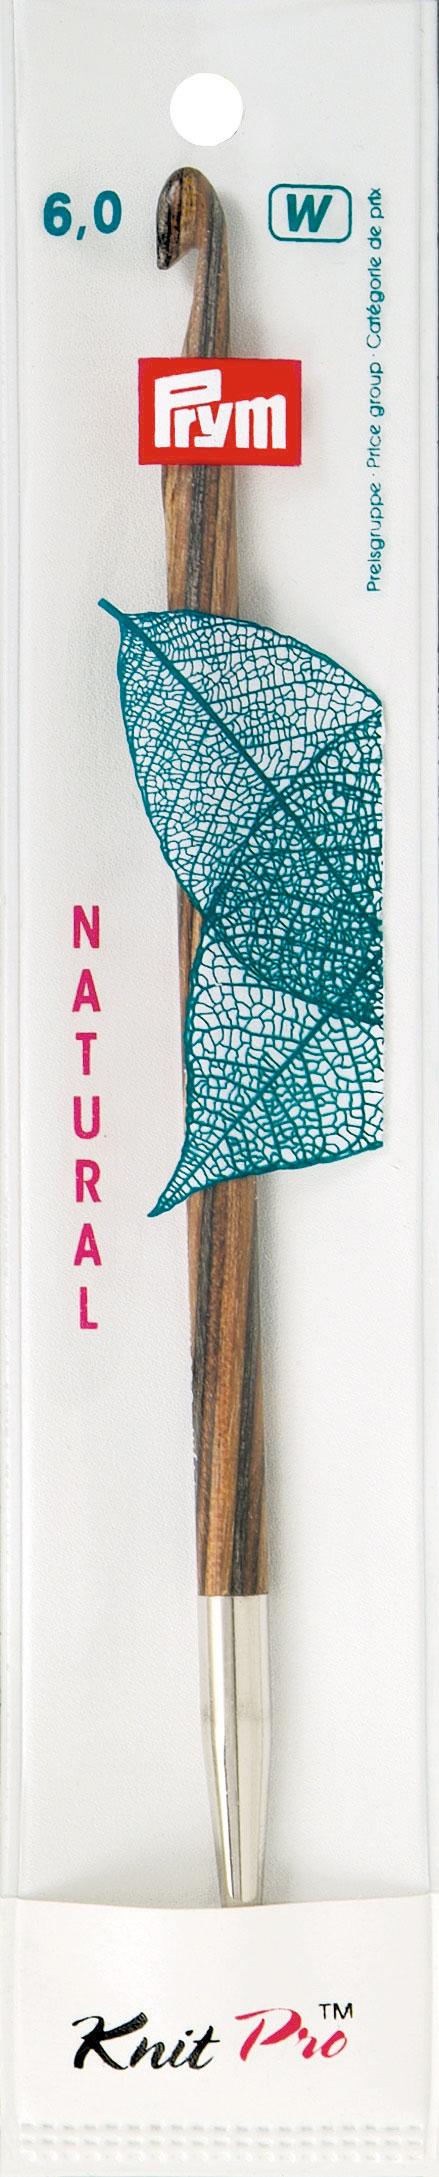 Крючок для тунисского вязания Prym Natural, съемный, диаметр 6 мм, длина 15 см223706Крючок Prym Natural изготовлен из дерева с металлическим наконечником. Он предназначен для тунисского вязания. Вязание тунисским крючком производится только по одной лицевой стороне и этим отличается от вязки обыкновенным крючком. Вы сможете вязать для себя и делать подарки друзьям. Рукоделие всегда считалось изысканным, благородным делом. Работа, сделанная своими руками, долго будет радовать вас и ваших близких. Подарок, выполненный собственноручно, станет самым ценным для друзей и знакомых. Диаметр: 6 мм. Длина: 15 см. Материал: дерево, металл.